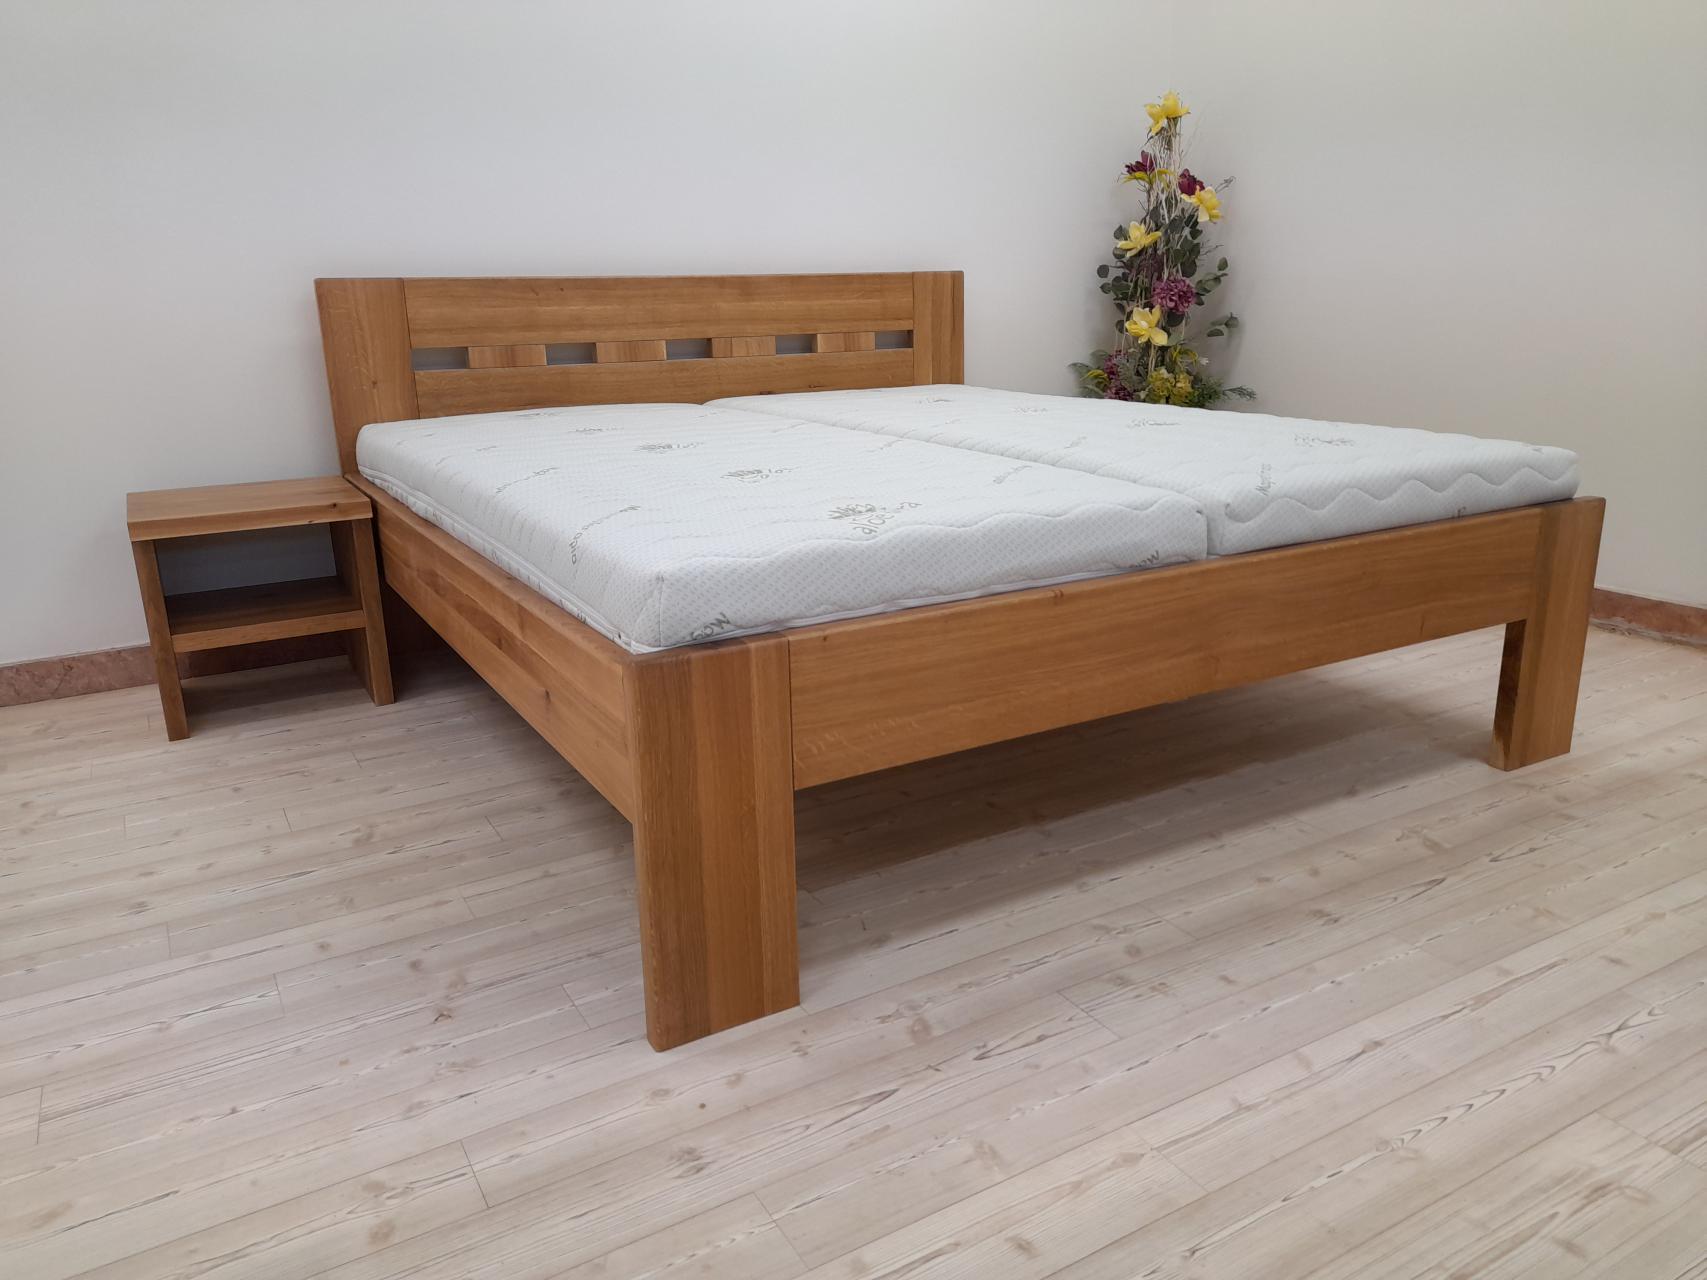 EDITA Dřevěná postel z masivu, bez úložného prostoru